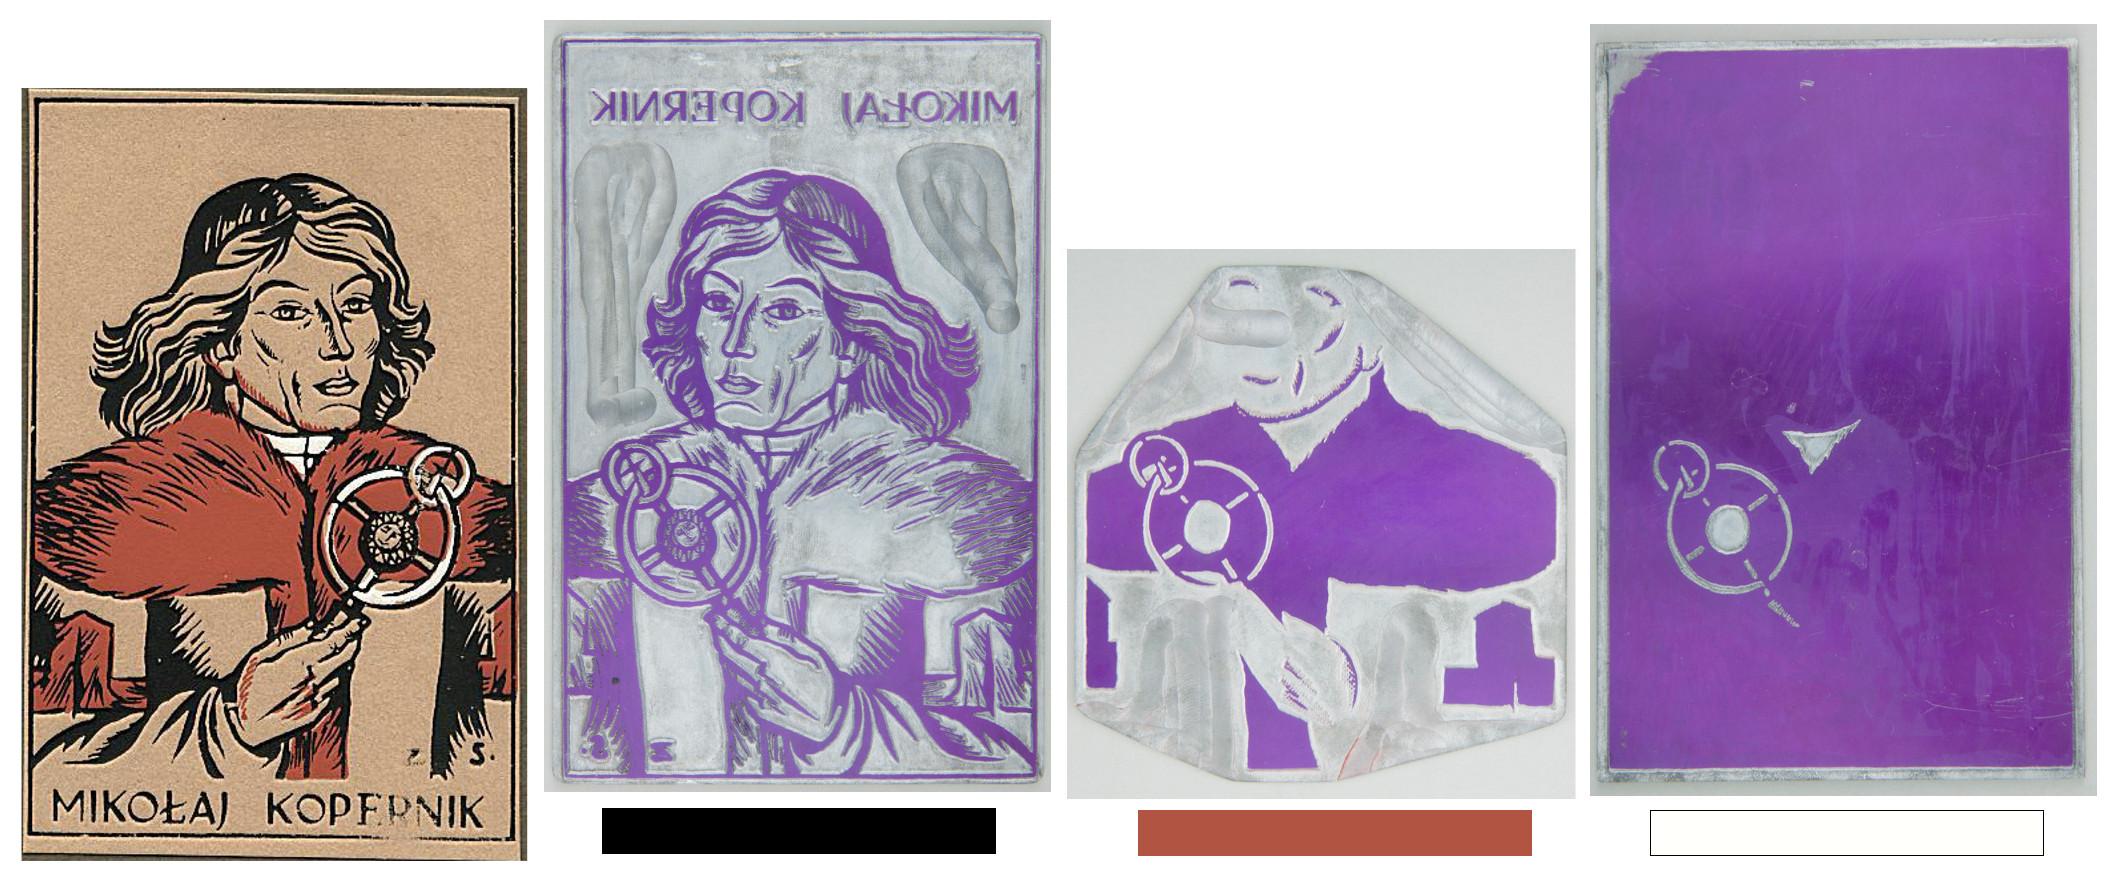 """Matryce dla poszczególnych kolorów cynkorytu oraz finalna grafika autorstwa Zofii Stryjeńskiej """"Mikołaj Kopernik"""", po 1920 roku, źródło: Muzeum Narodowe w Krakowie (matryce) / Biblioteka Uniwersytecka UMK"""